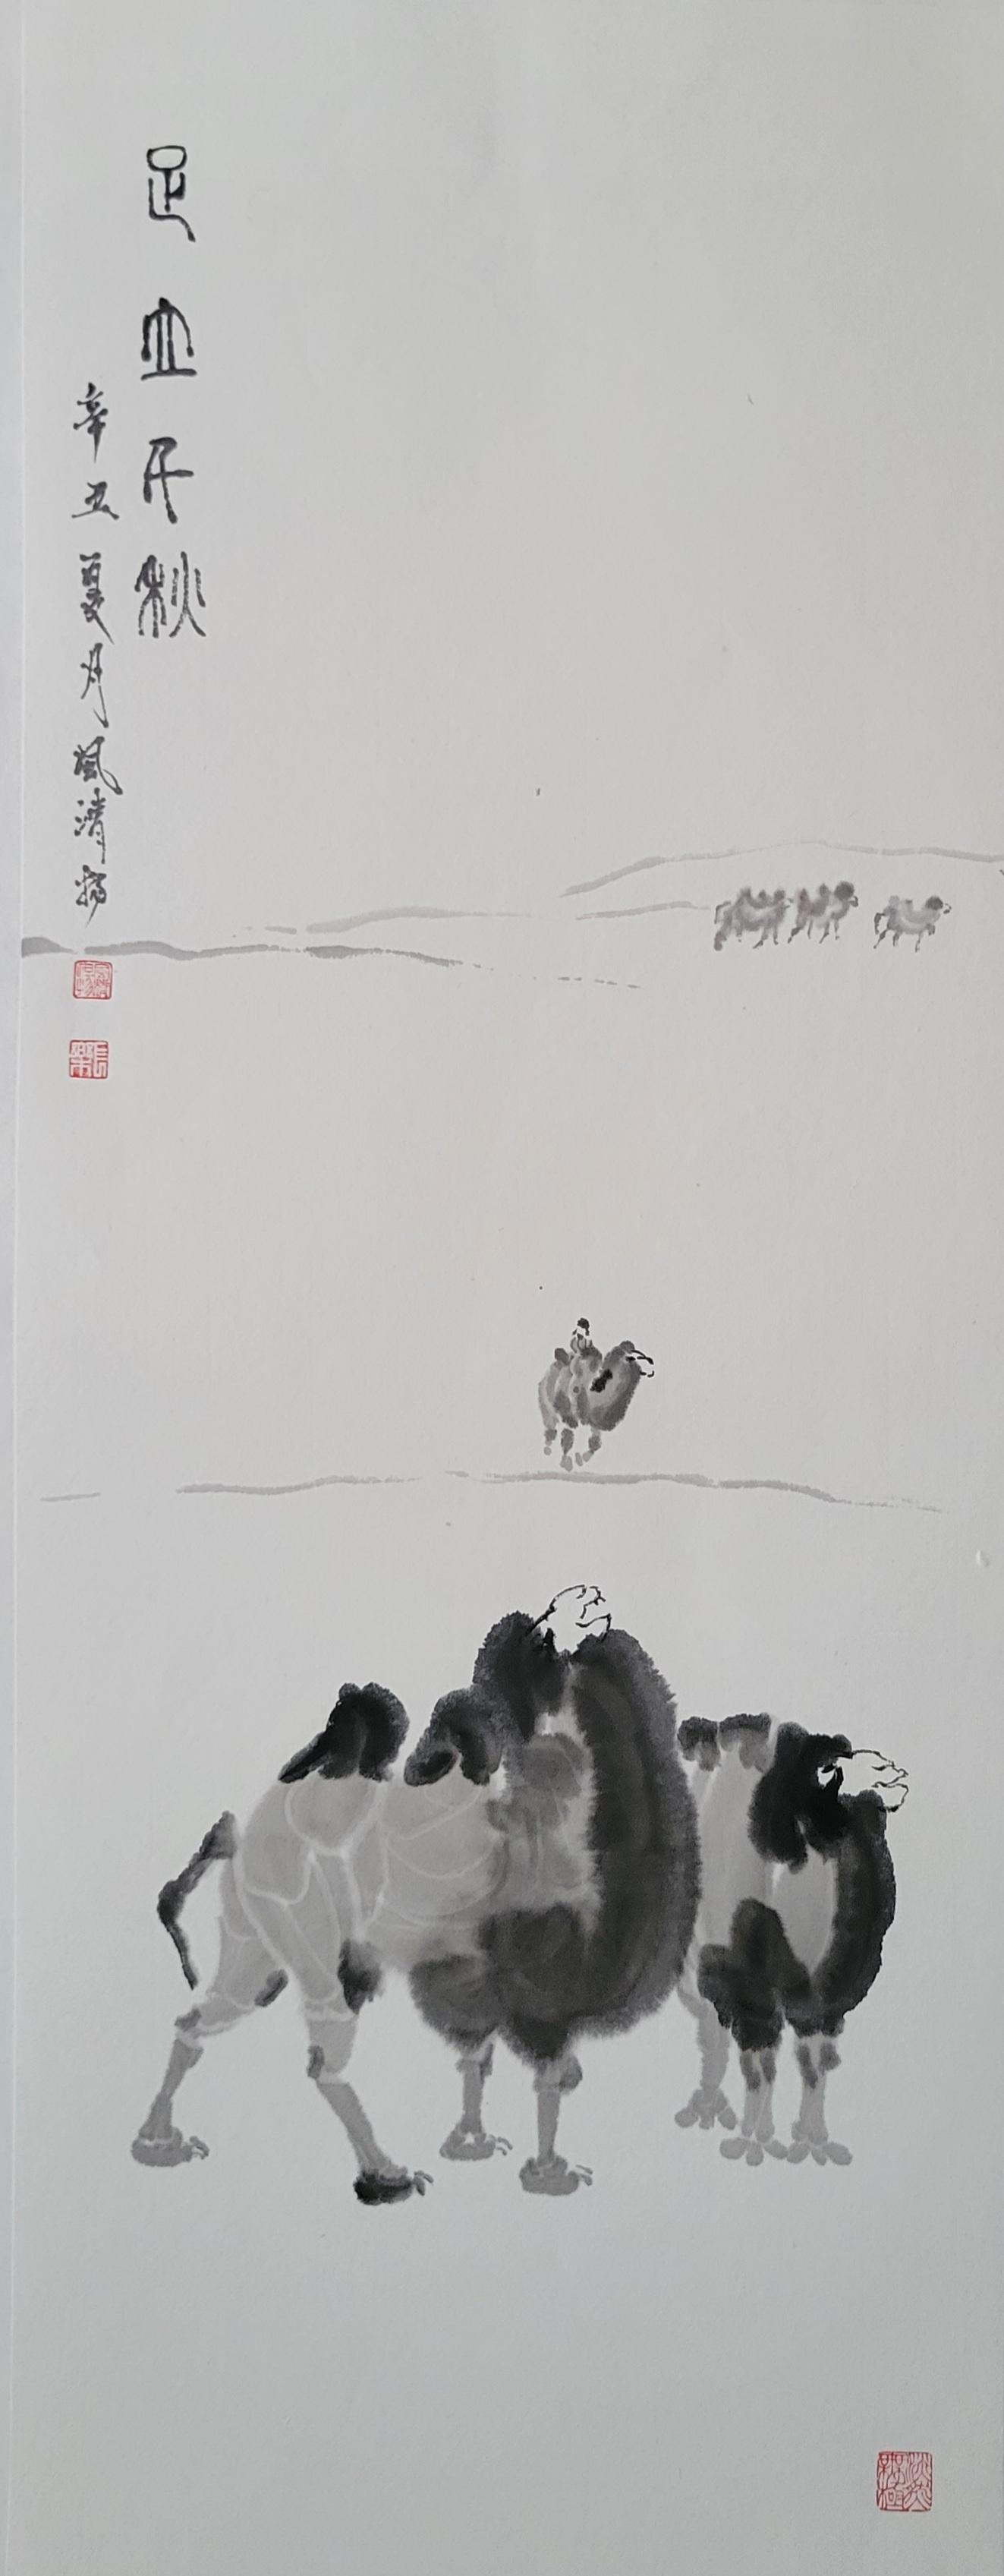 画家风清扬老师作品赏析 二